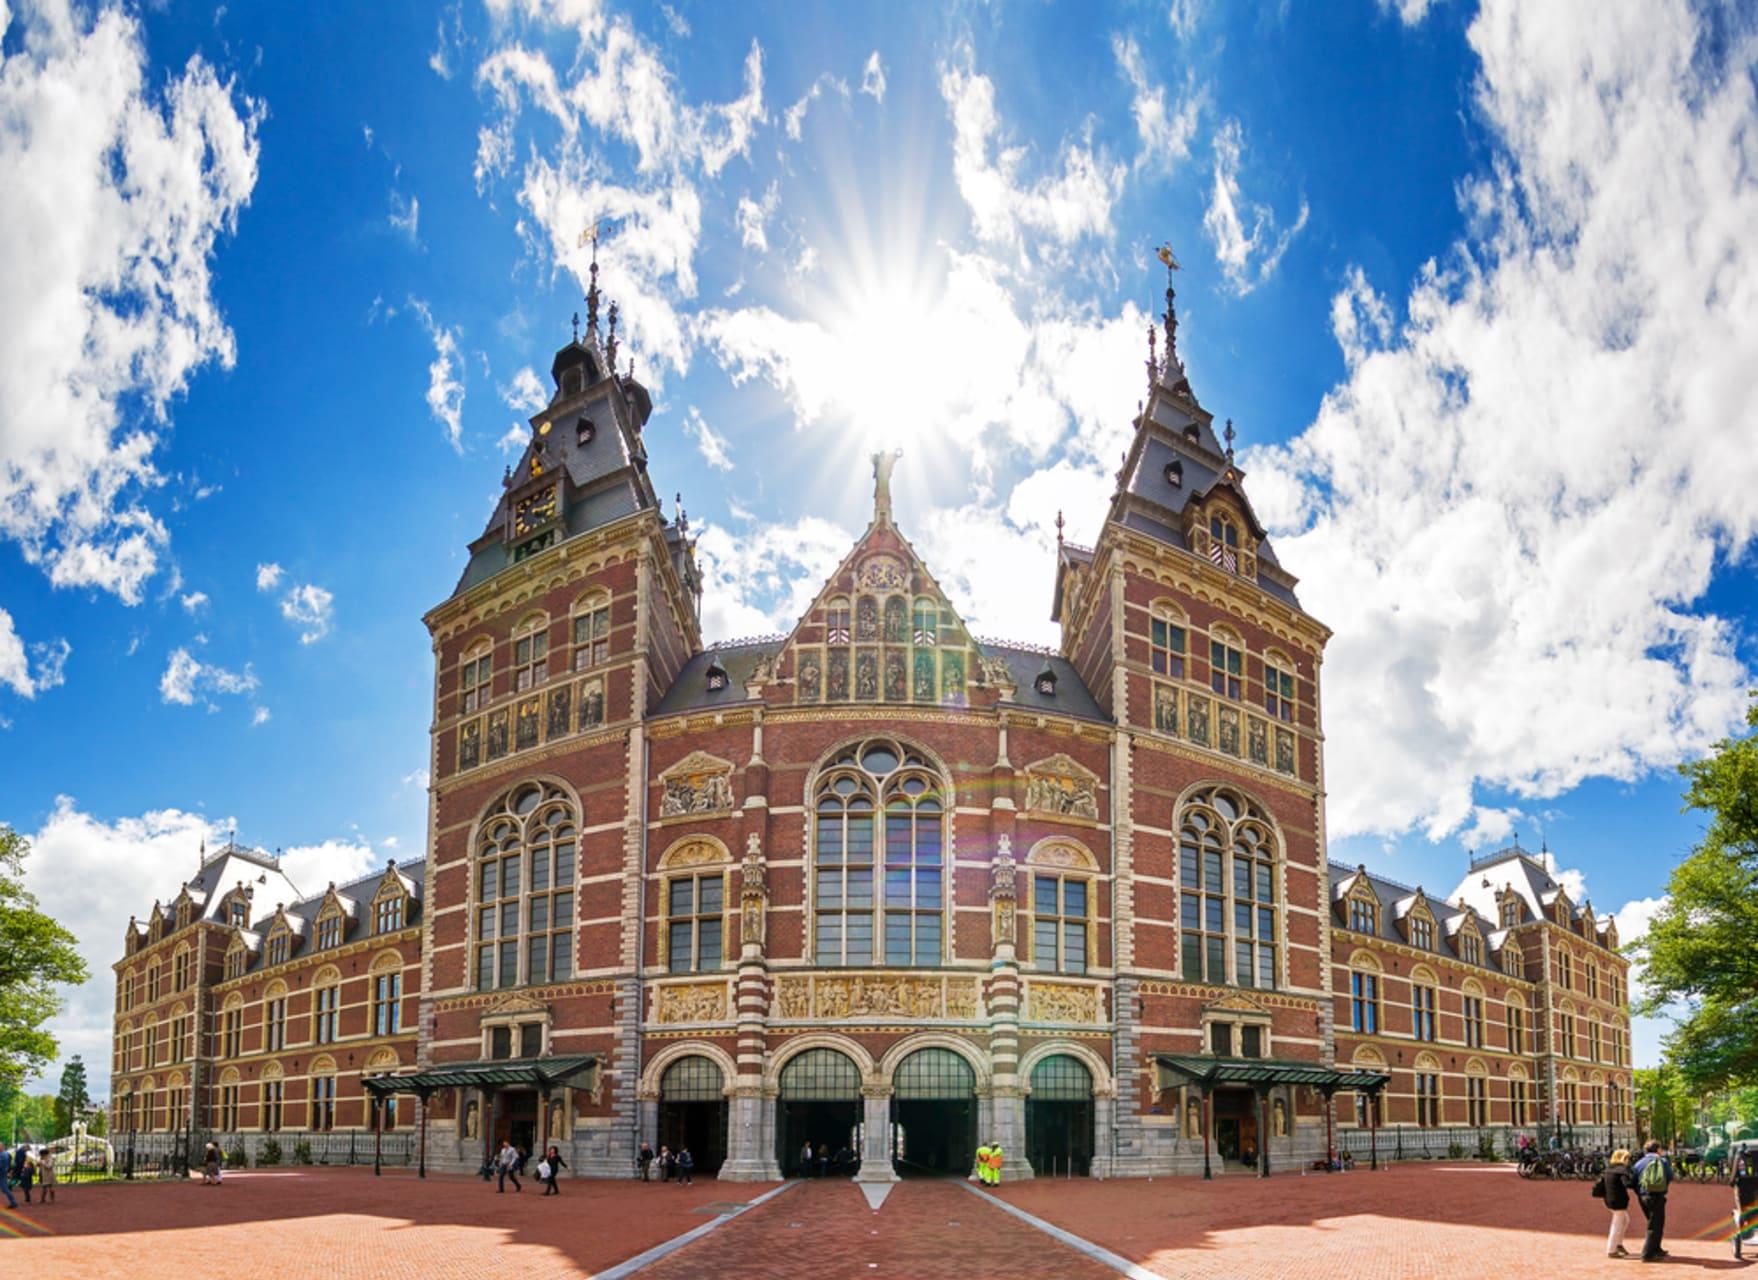 Amsterdam - Around Rijksmuseum, Netherland's National Museum